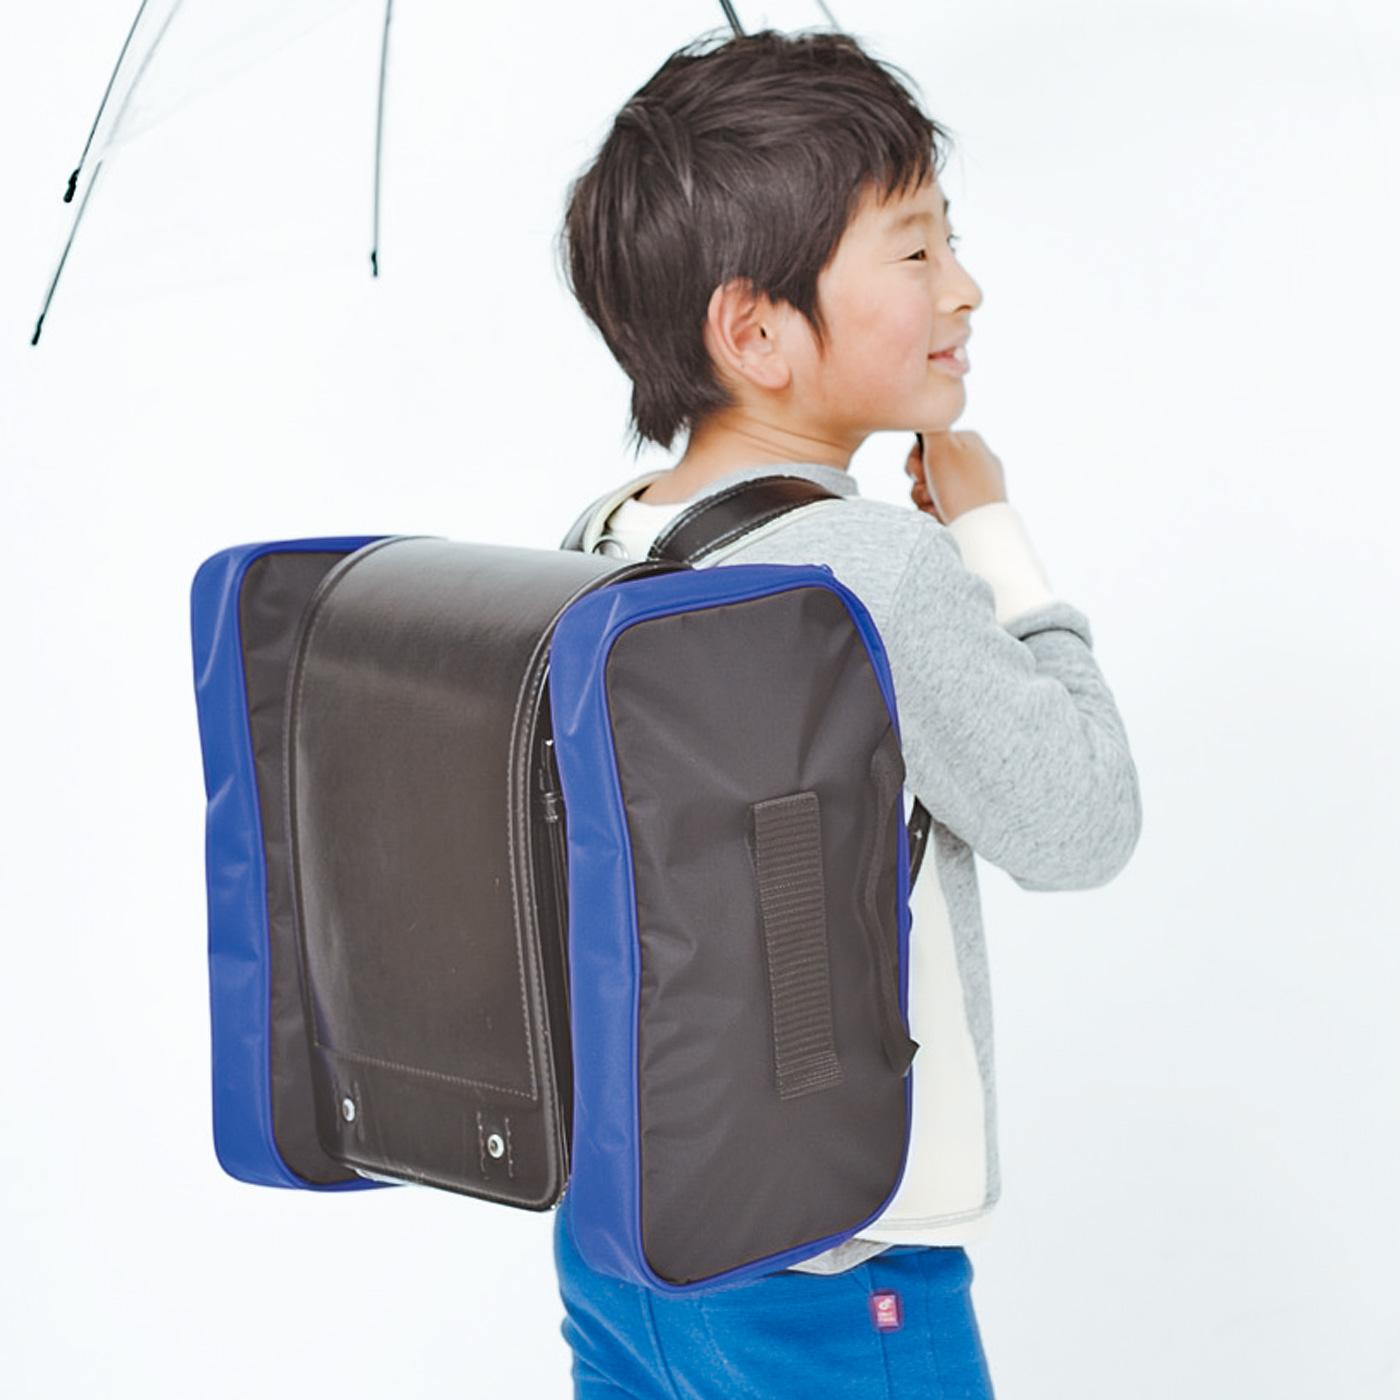 フェリシモ 丈夫なナイロン素材の移動式スクールバッグ〈ボーイズ〉